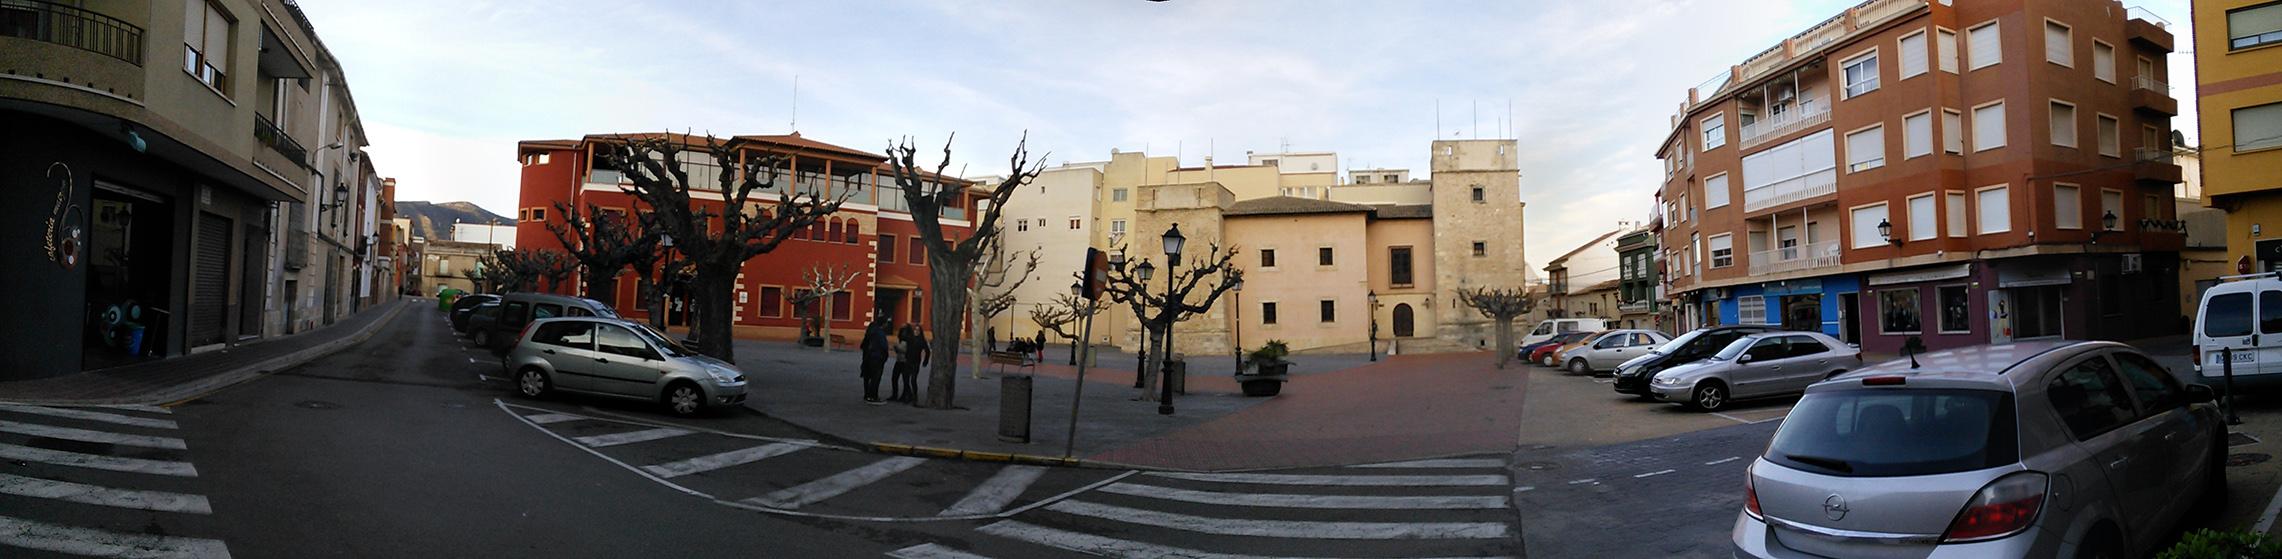 2013-12-28 Panoramiques muro (30)